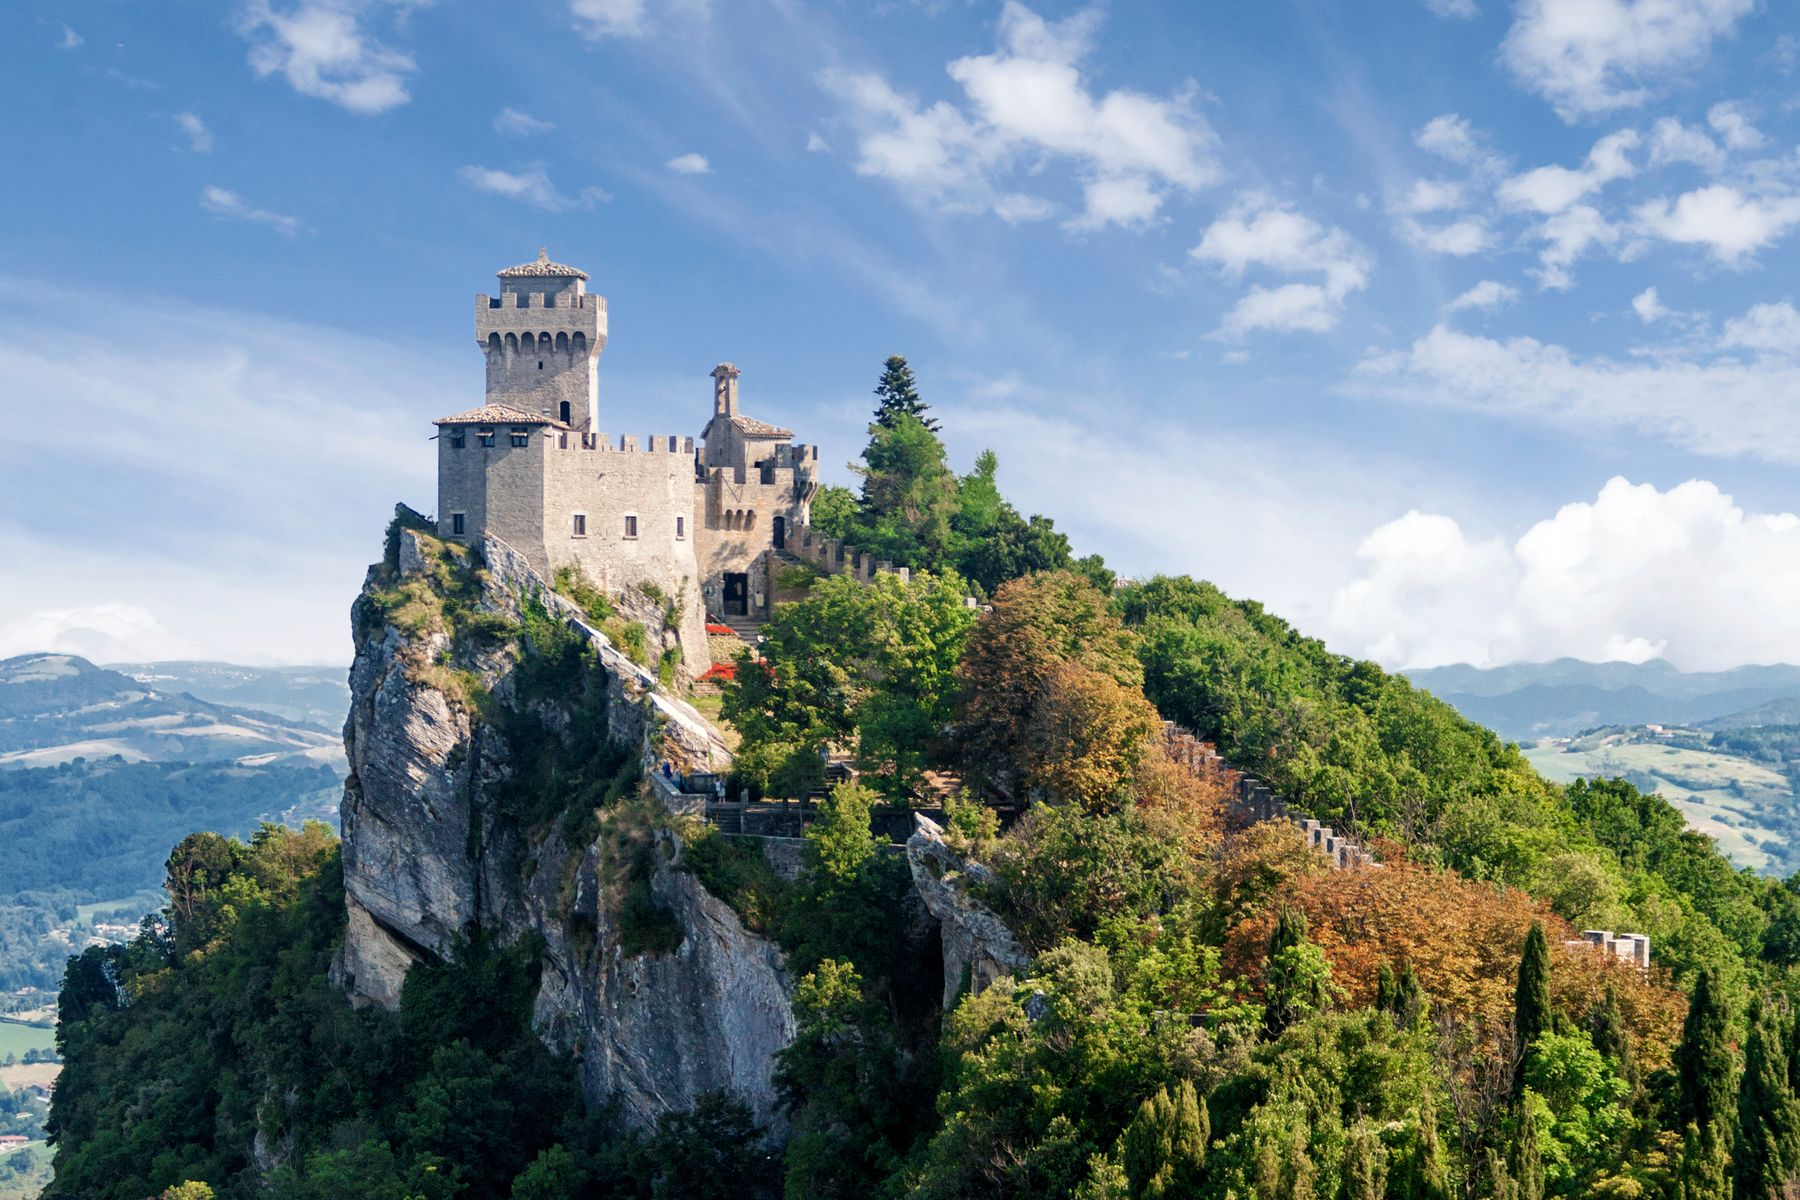 Три башни Сан-Марино (итал. Torri di San Marino) — средневековые строения на трех вершинах горы Монте-Титано